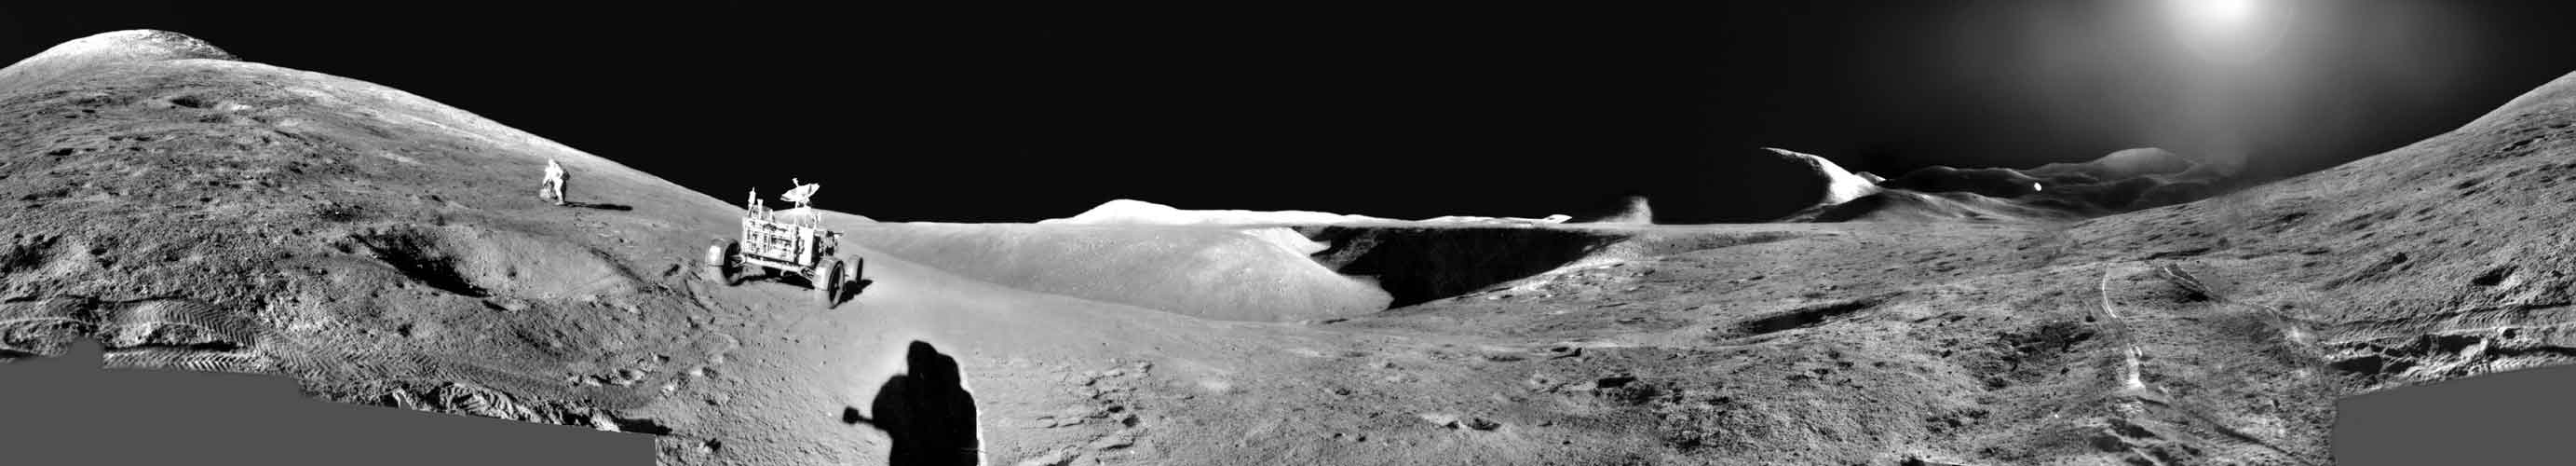 Una vista panorámica de la misión Apolo 15